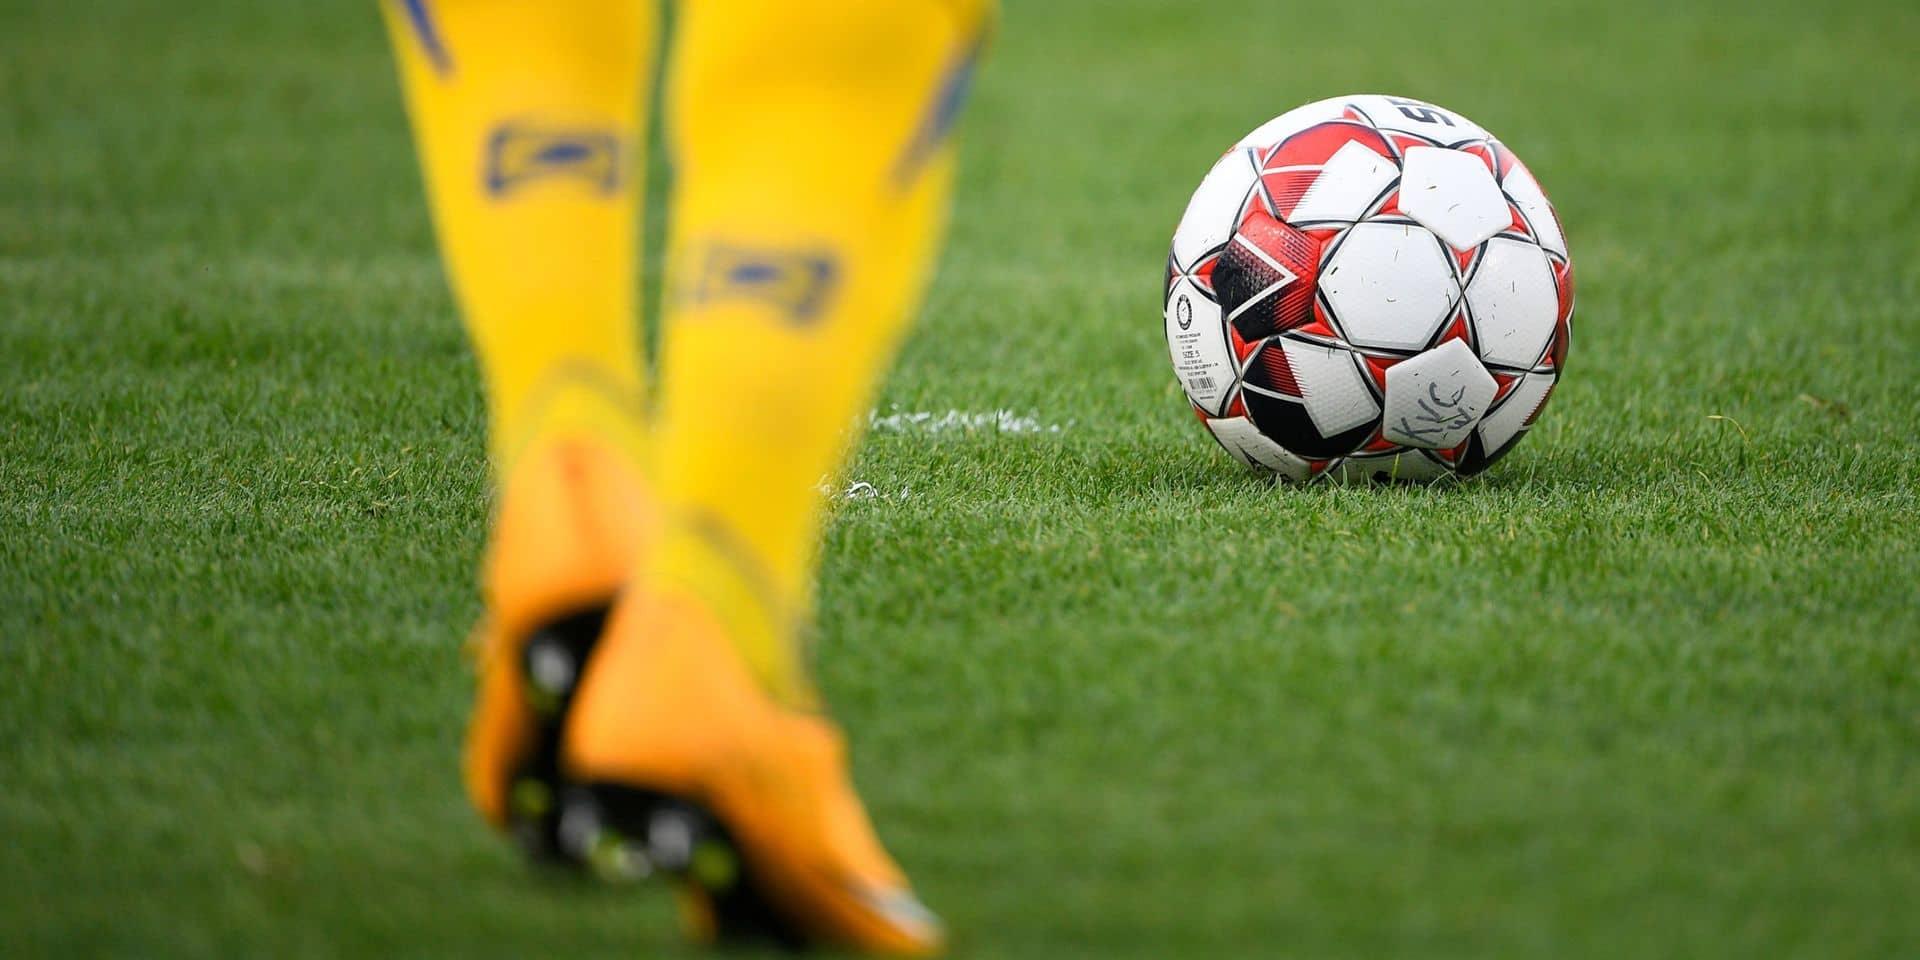 Proximus League: Westerlo s'impose au Beerschot (1-2) et rejoint OHL en tête du classement